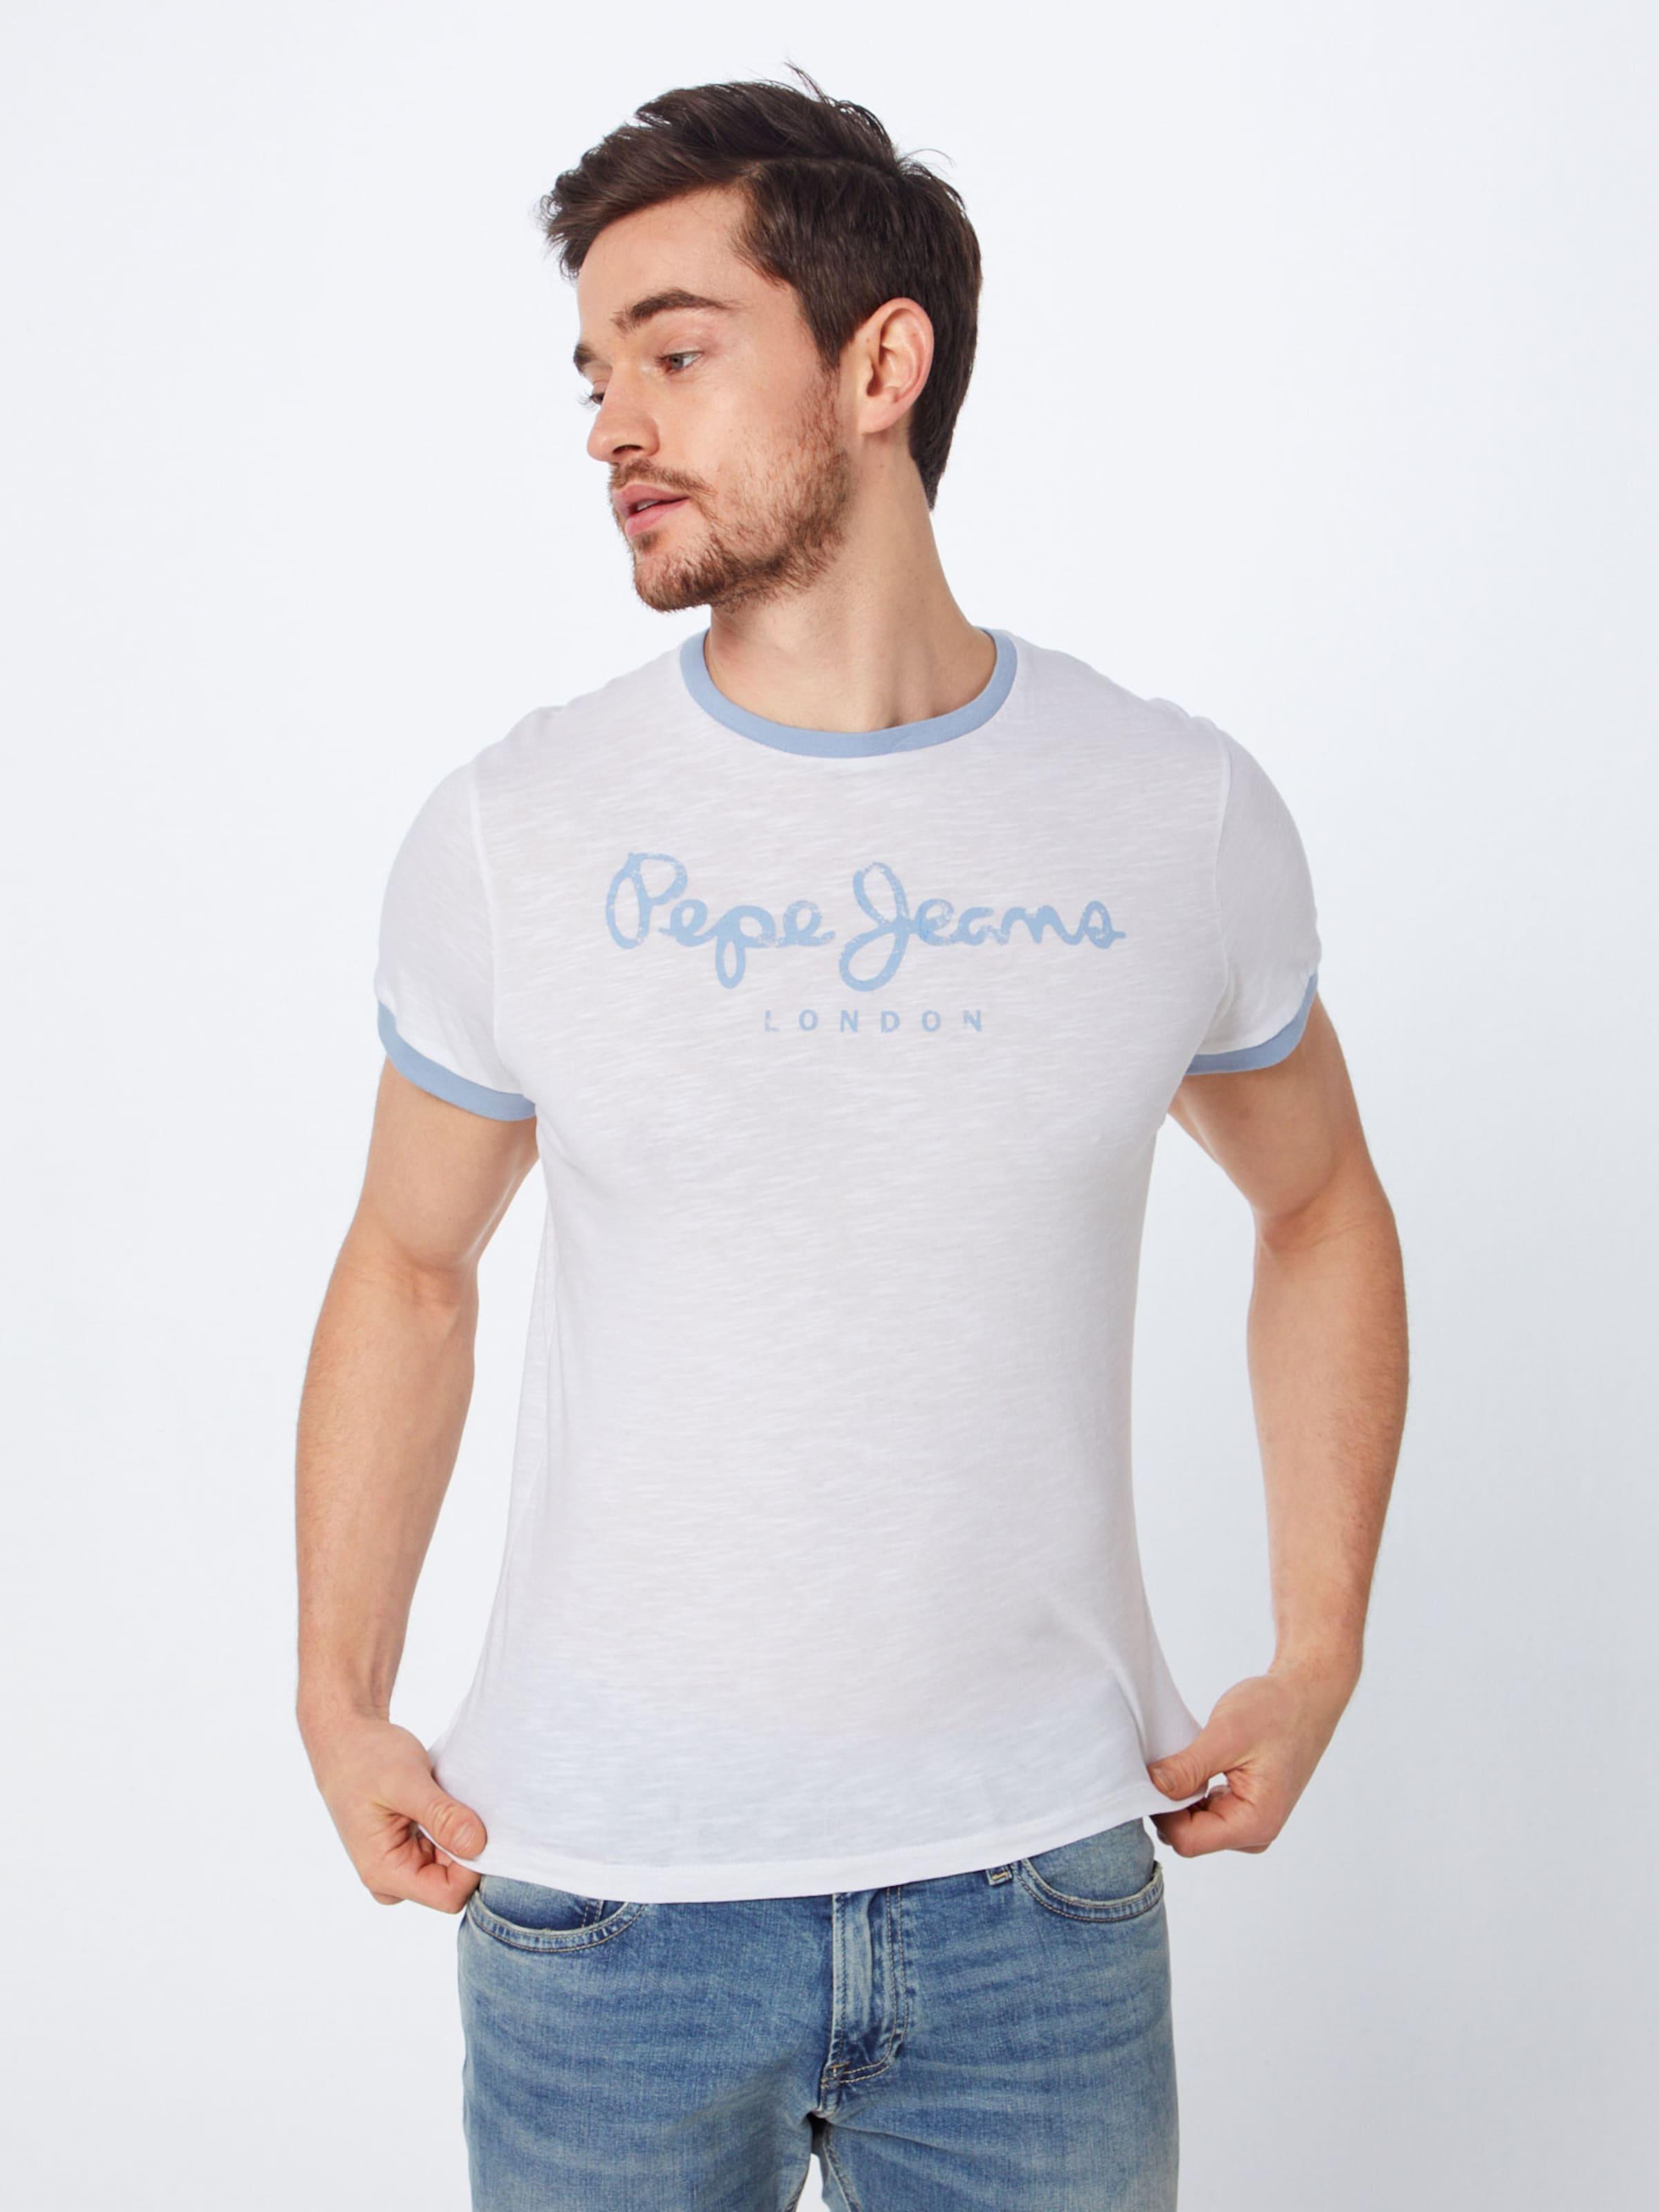 FuméBlanc shirt Pepe Jeans Bleu T 'demitri' En nvmNO80w